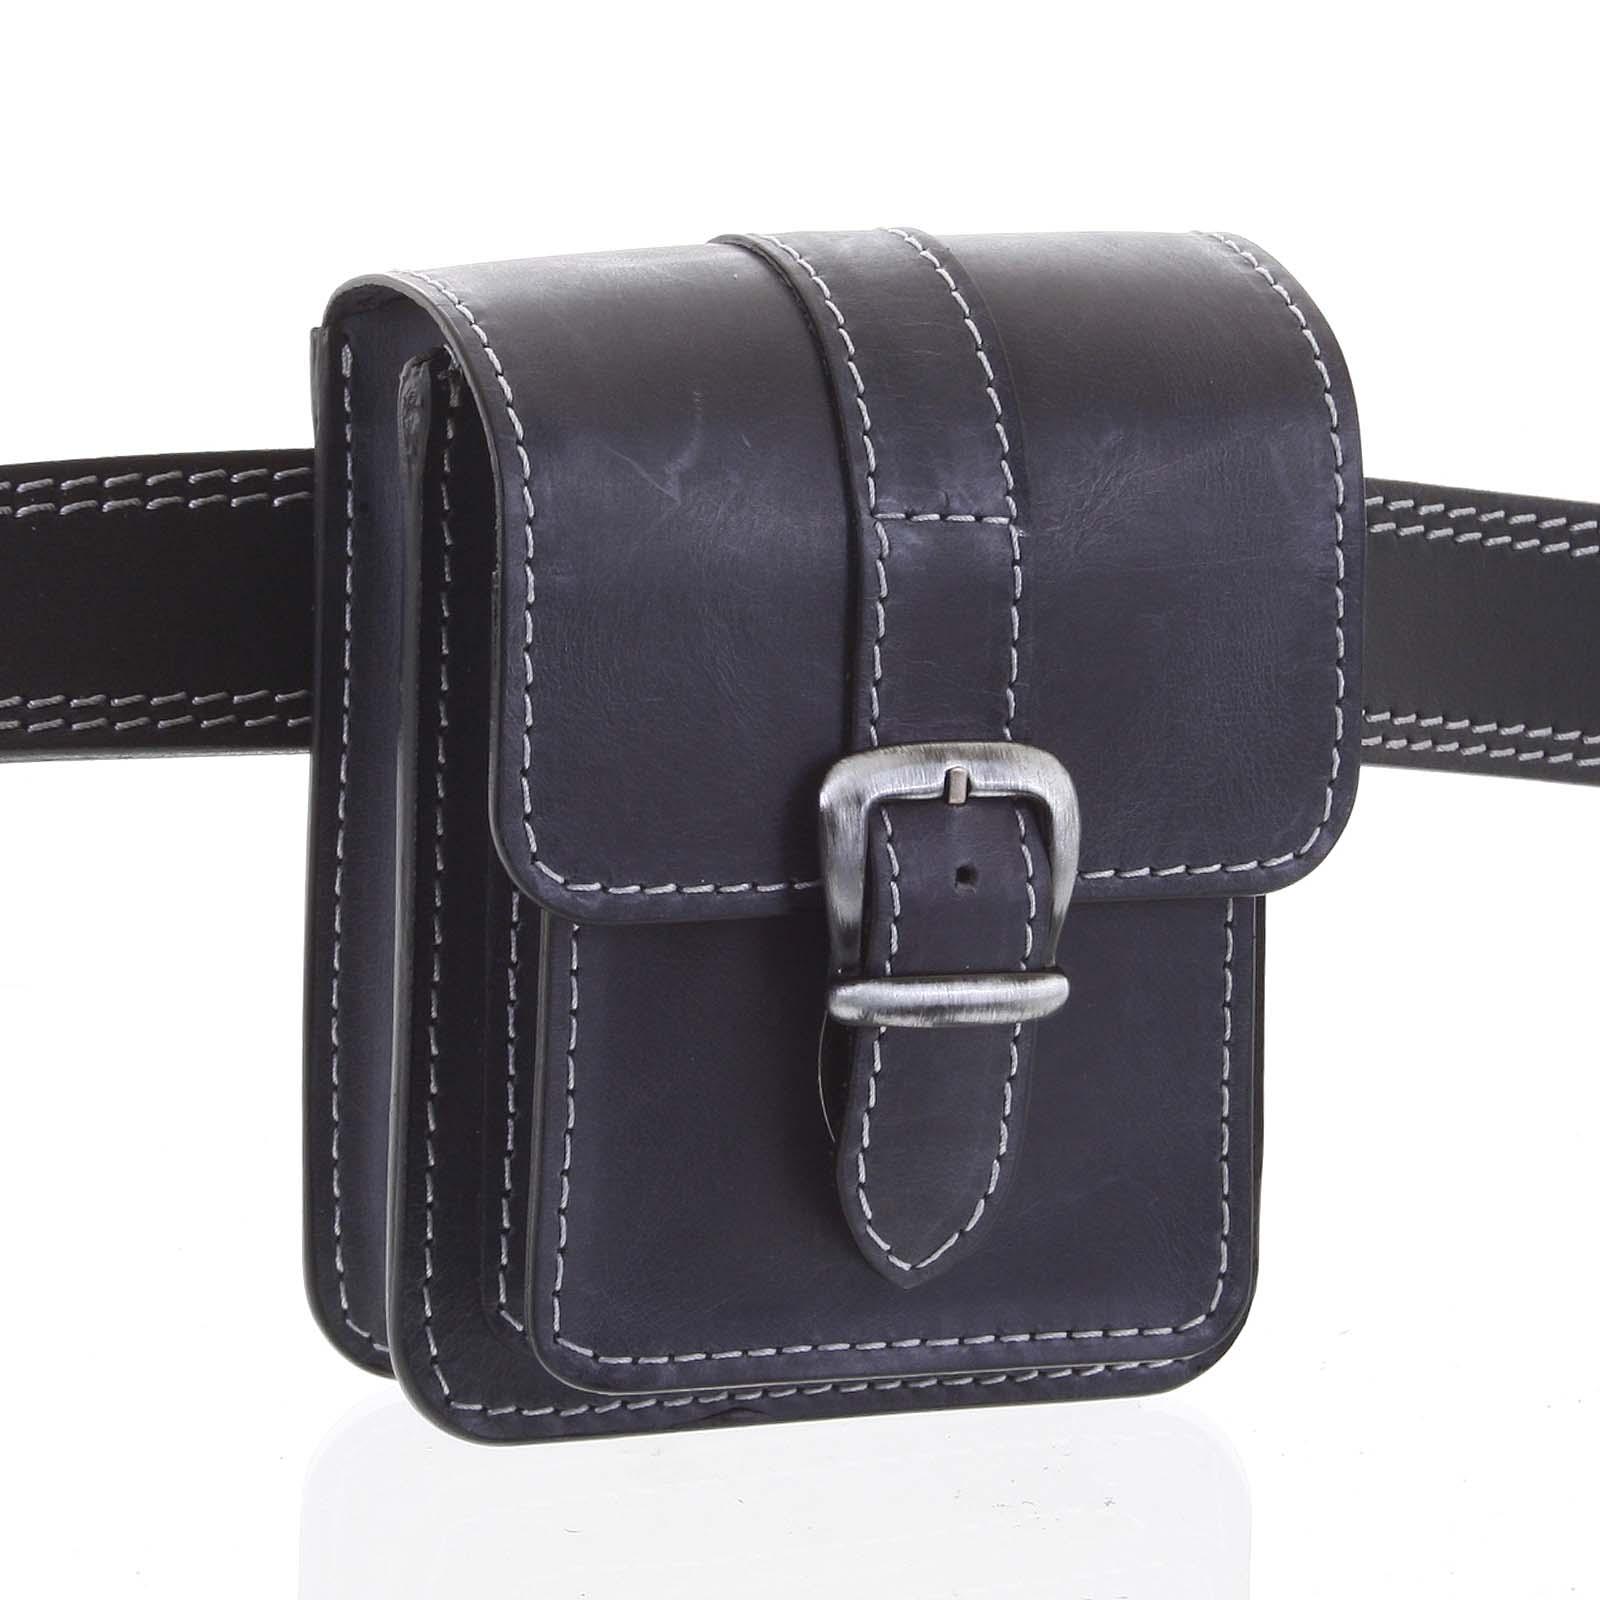 Pánska kožená kapsa na opasok čiernomodrá - Kabea Kisi 2 čierna